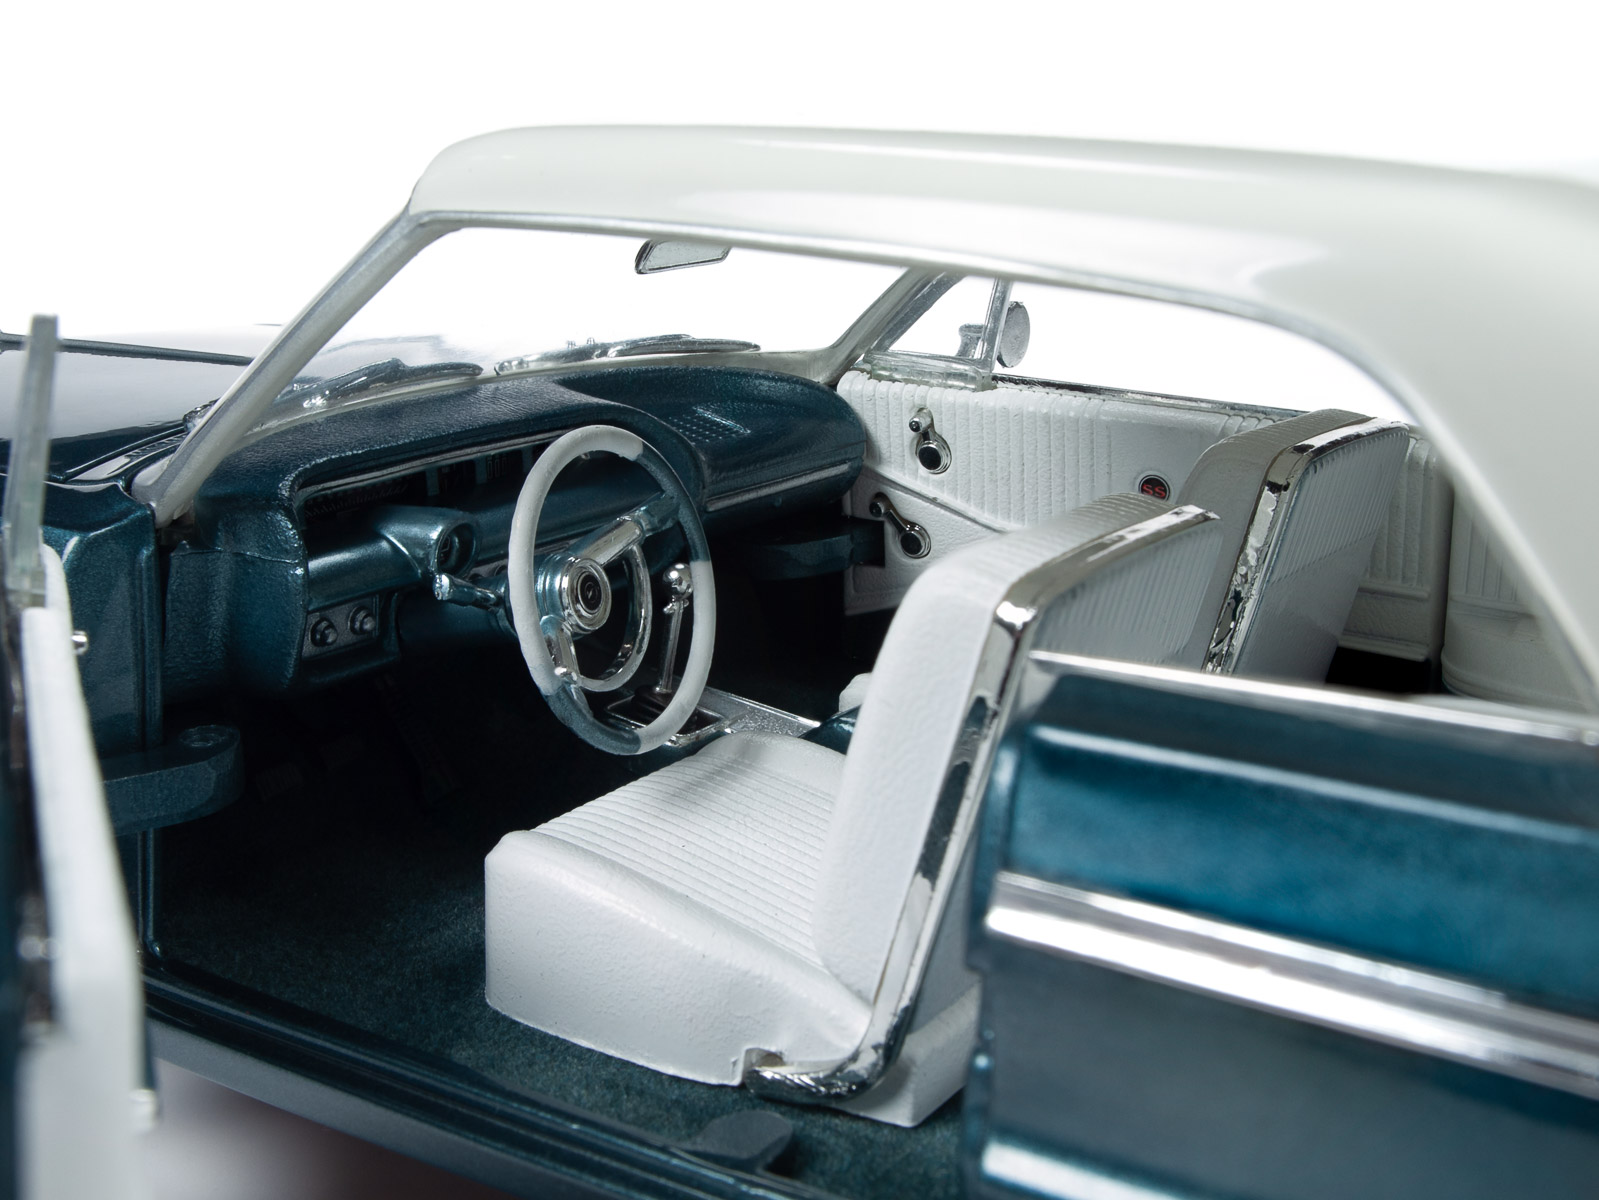 1964 CHEVROLET IMPALA SS 409 AQUA GREEN 1//18 DIECAST MODEL CAR AUTOWORLD AMM1219